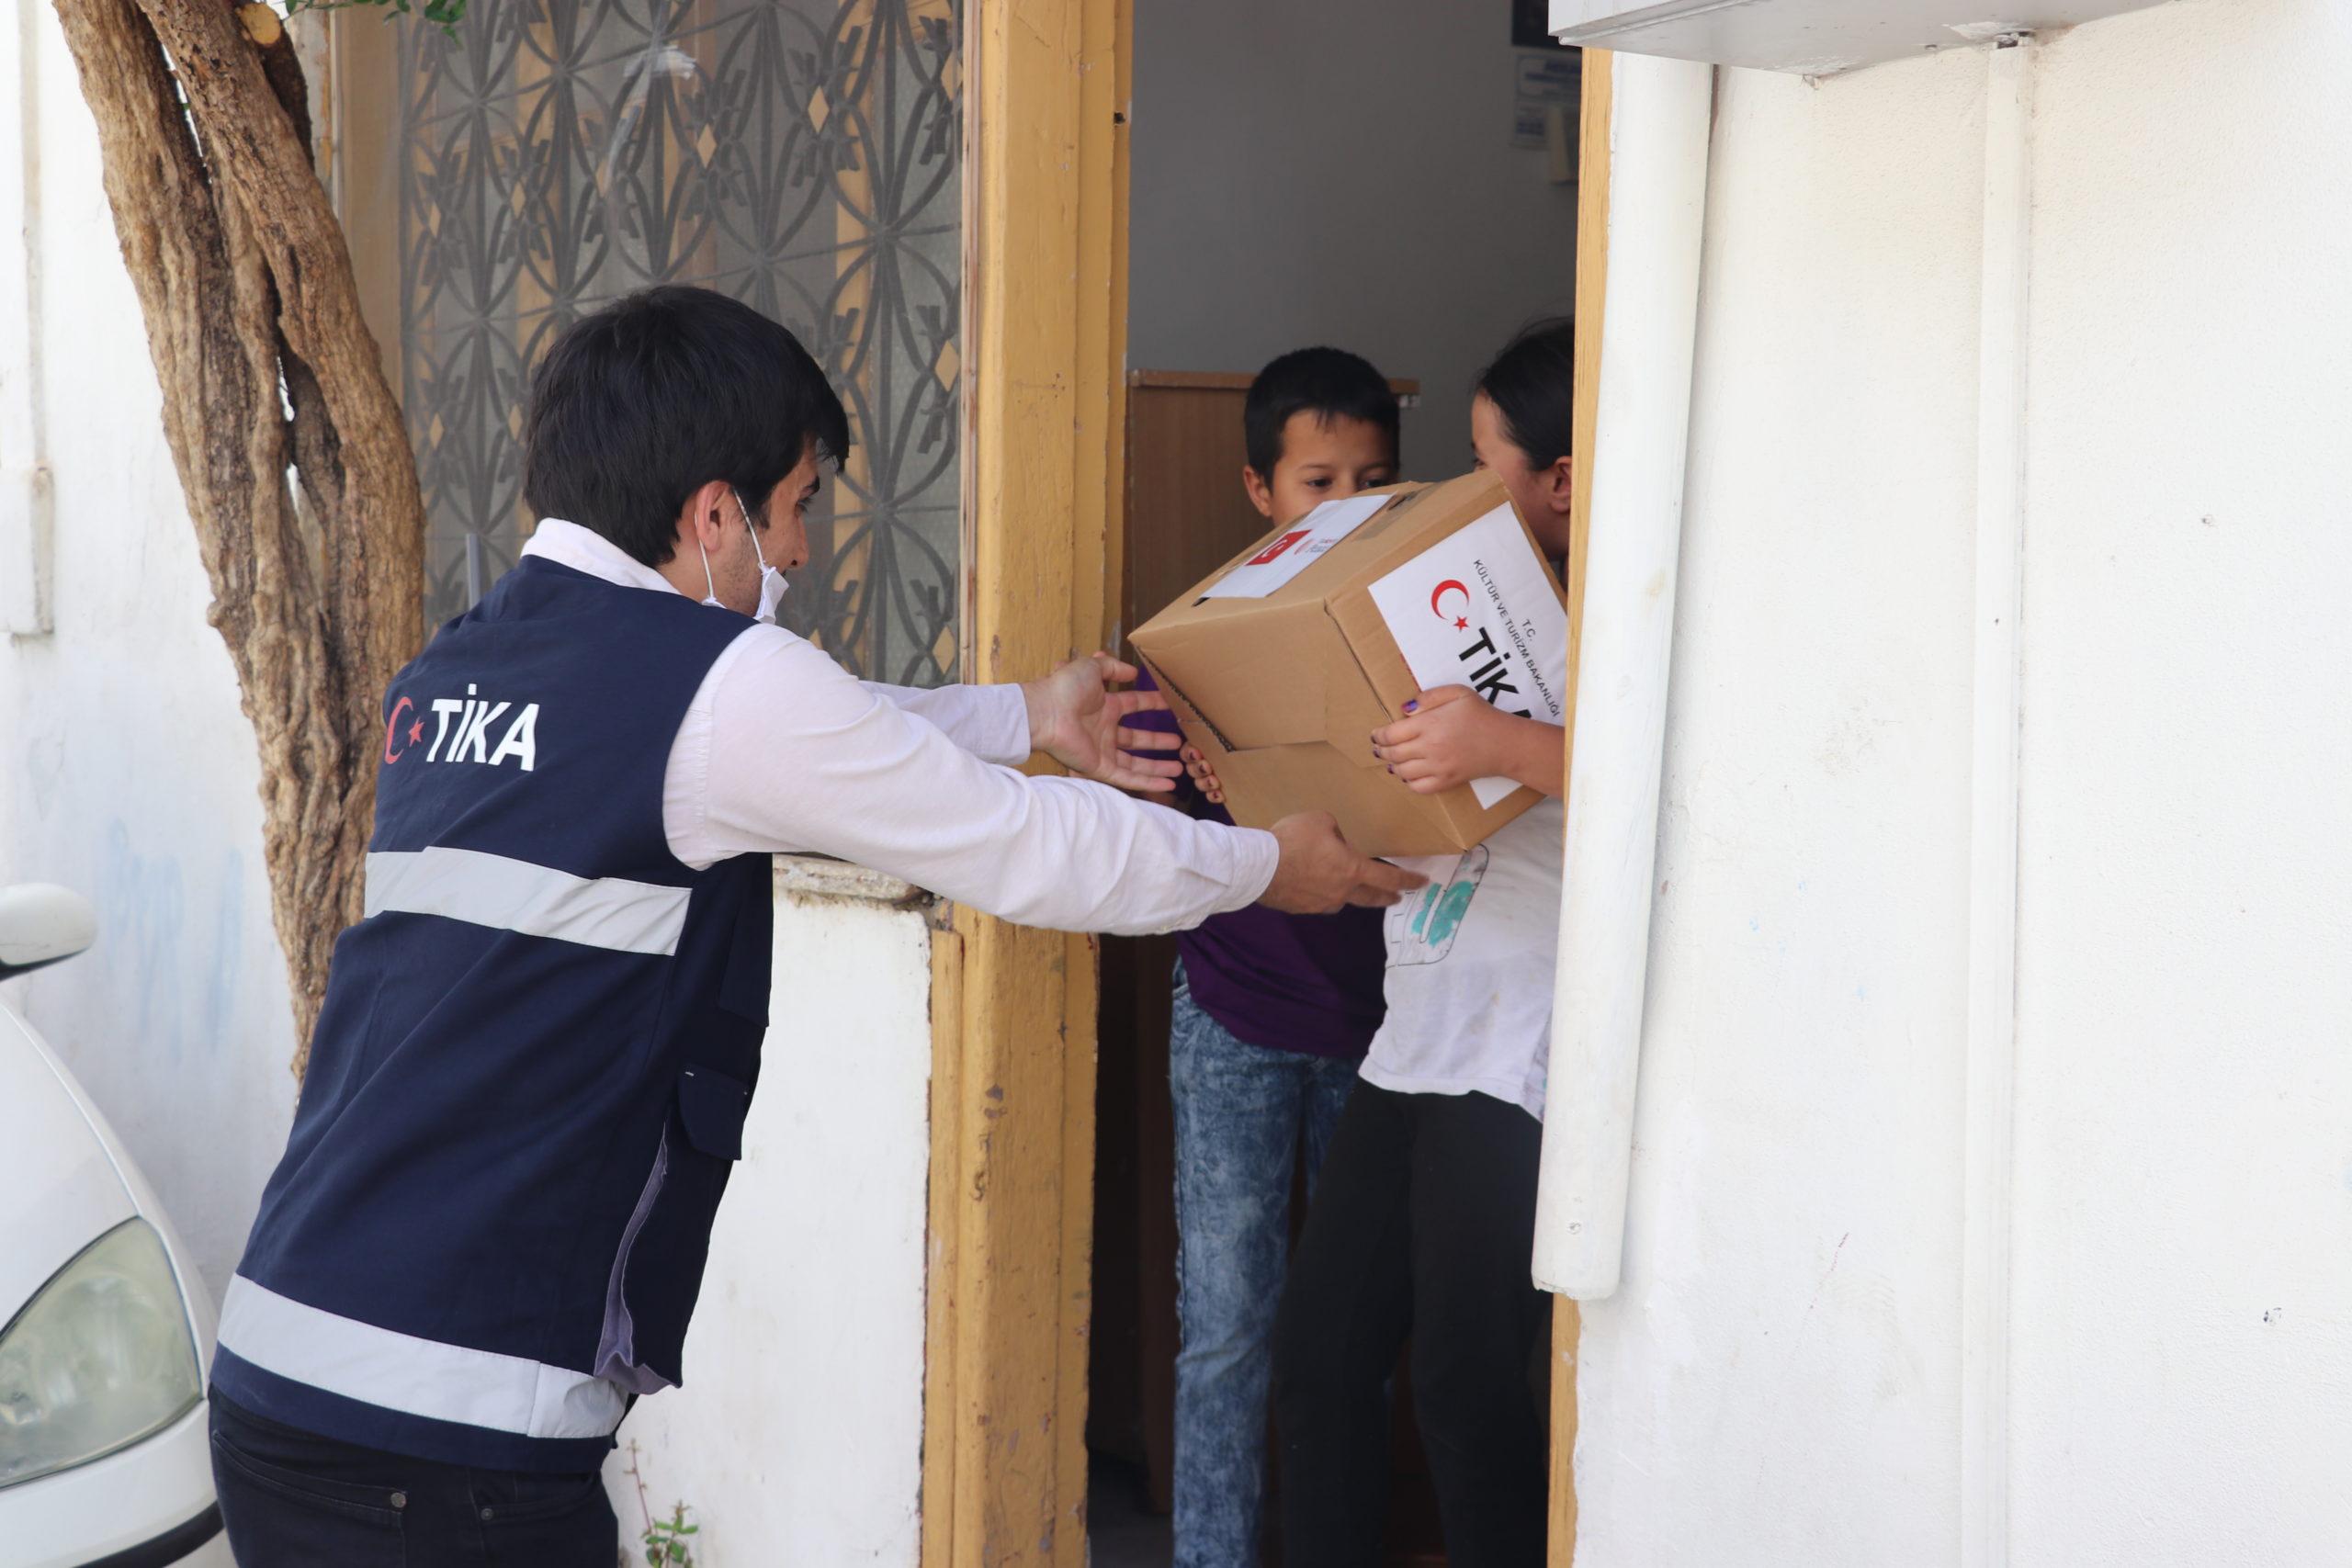 TİKA'dan KKTC'deki ihtiyaç sahibi ailelere gıda yardımı